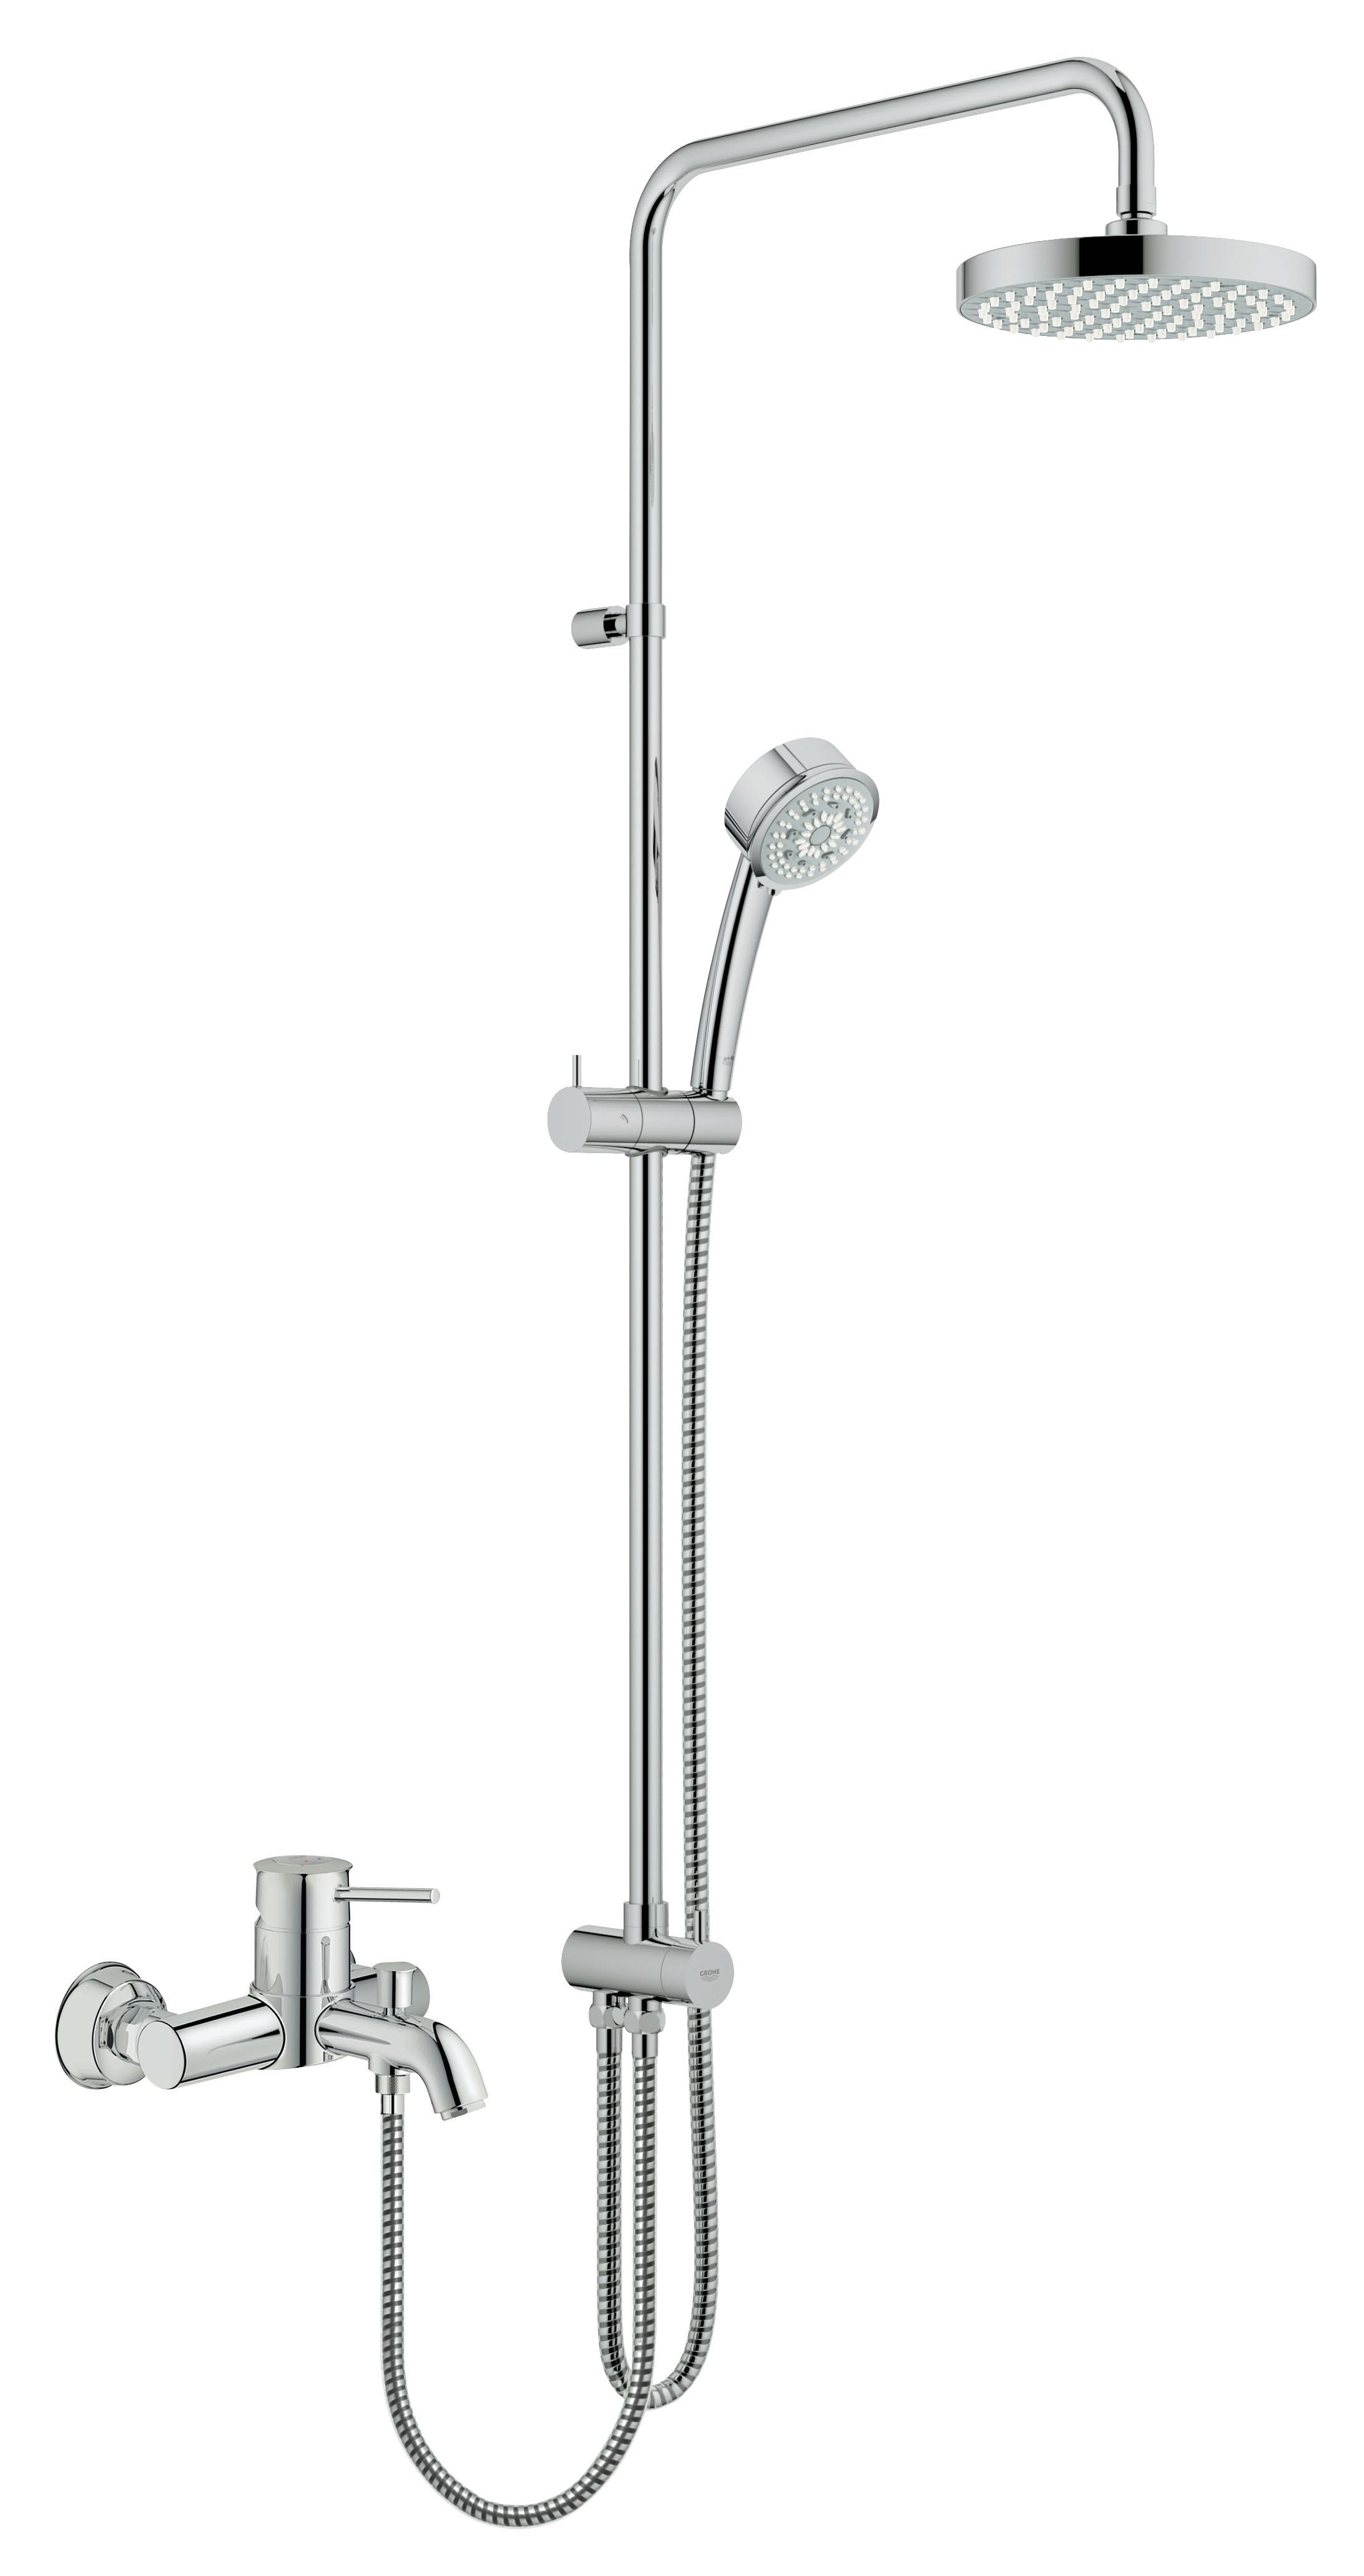 Душевая система Grohe 27399000 Tempesta Rustic 200 с верхним и ручным душем (без смесителя), хром (27399000)